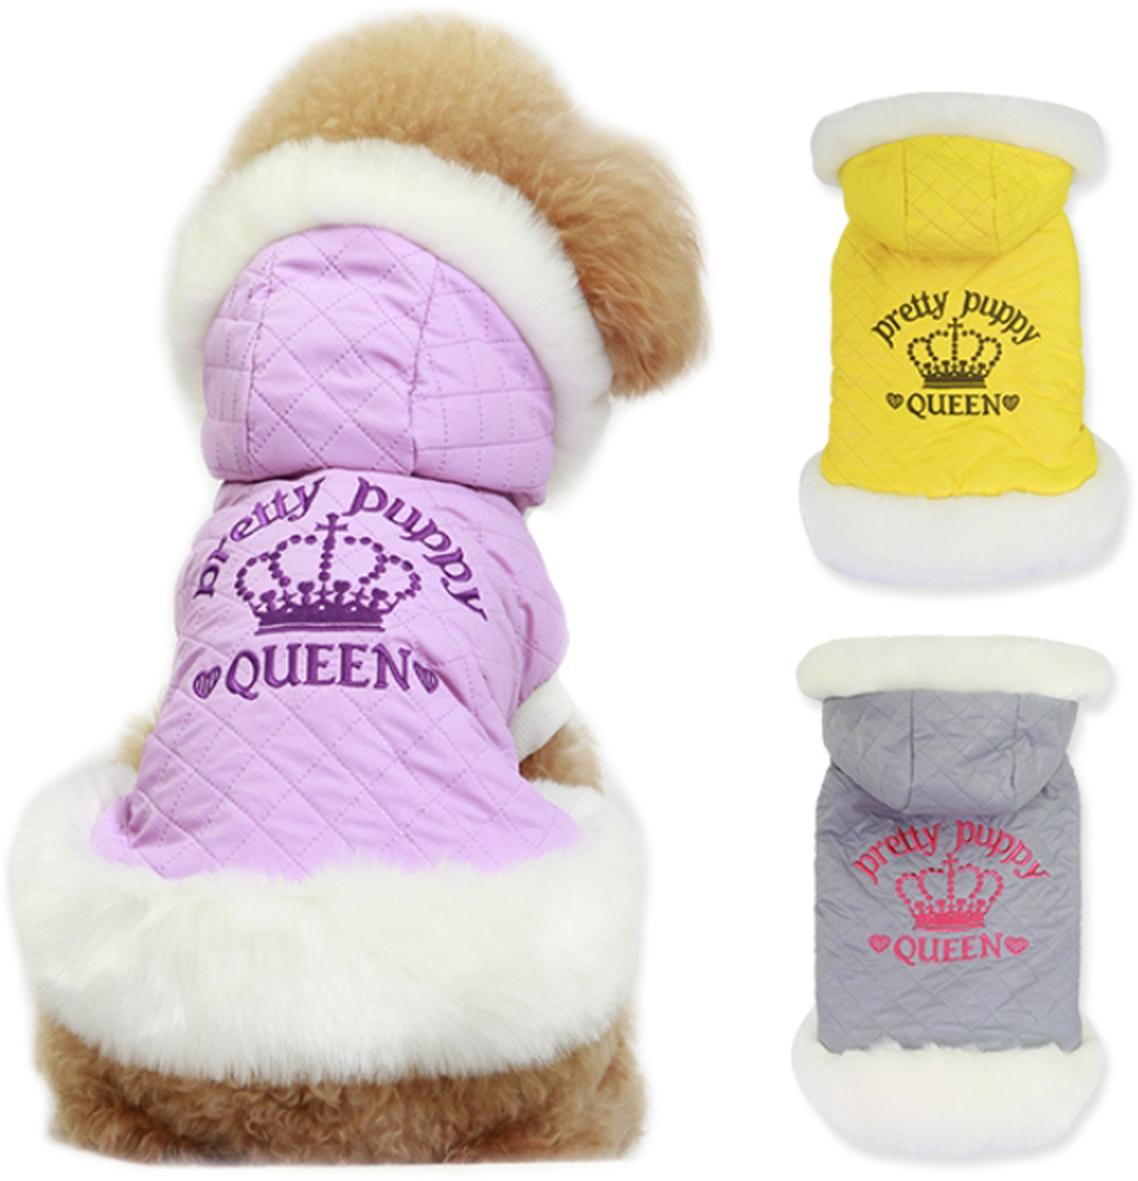 Куртка для собак Dobaz Pretty Puppy, цвет: серый. ДА14068ВС. Размер SДА14068ВСКуртка для собак Dobaz Pretty Puppy выполнена из плотной непромокаемой ткани с декоративной стежкой. Воротник и нижний край изделия оторочены белым мехом, подкладка также выполнена из меха. На спине куртка декорирована вышивкой. Обхват шеи: 23 см.Обхват груди: 36 см.Длина спинки: 23 см.Одежда для собак: нужна ли она и как её выбрать. Статья OZON Гид